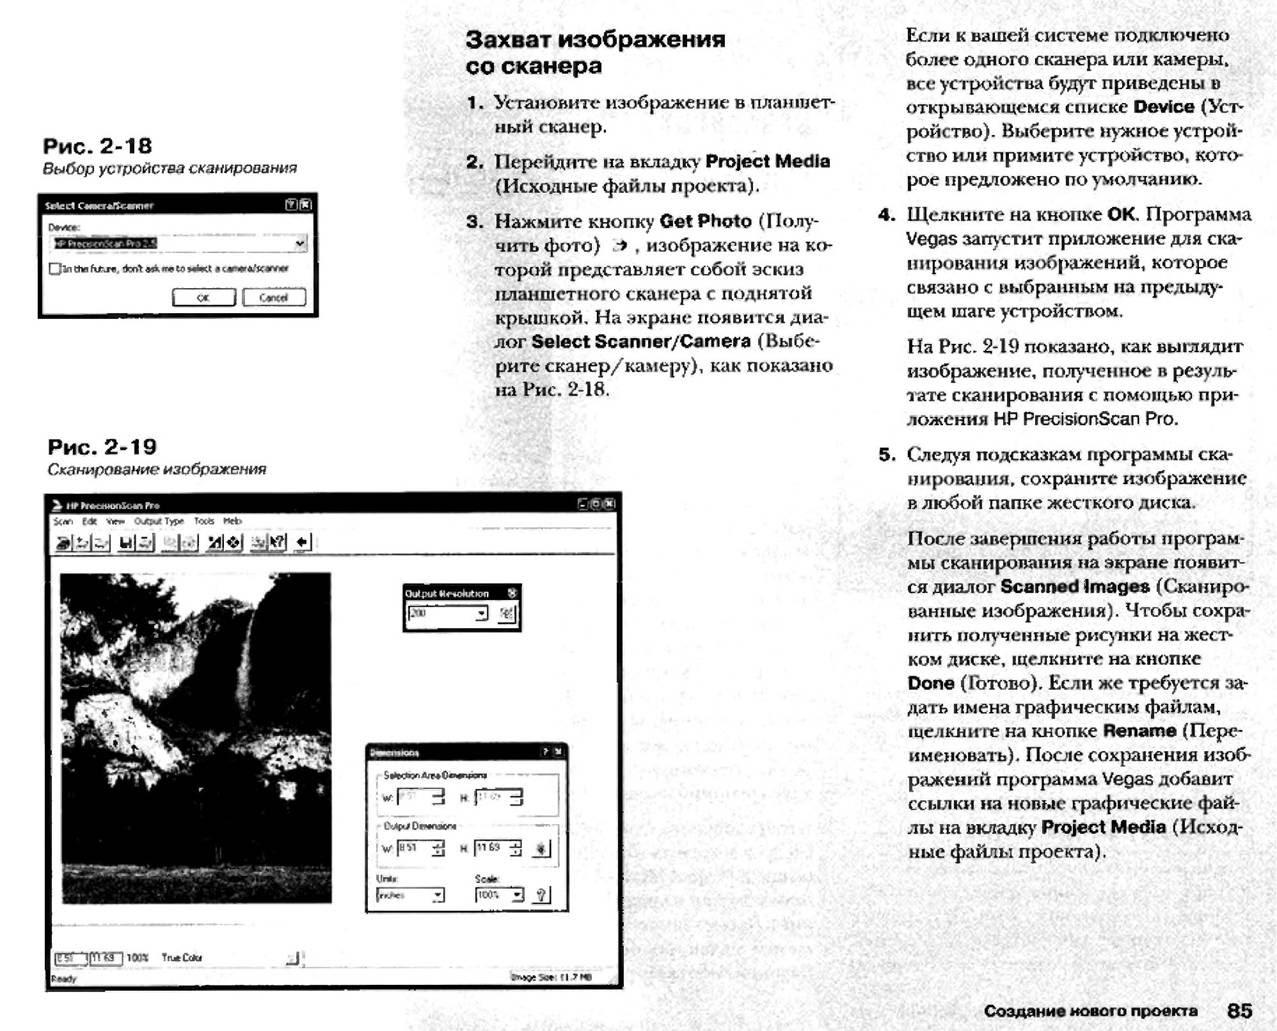 http://redaktori-uroki.3dn.ru/_ph/12/380951677.jpg